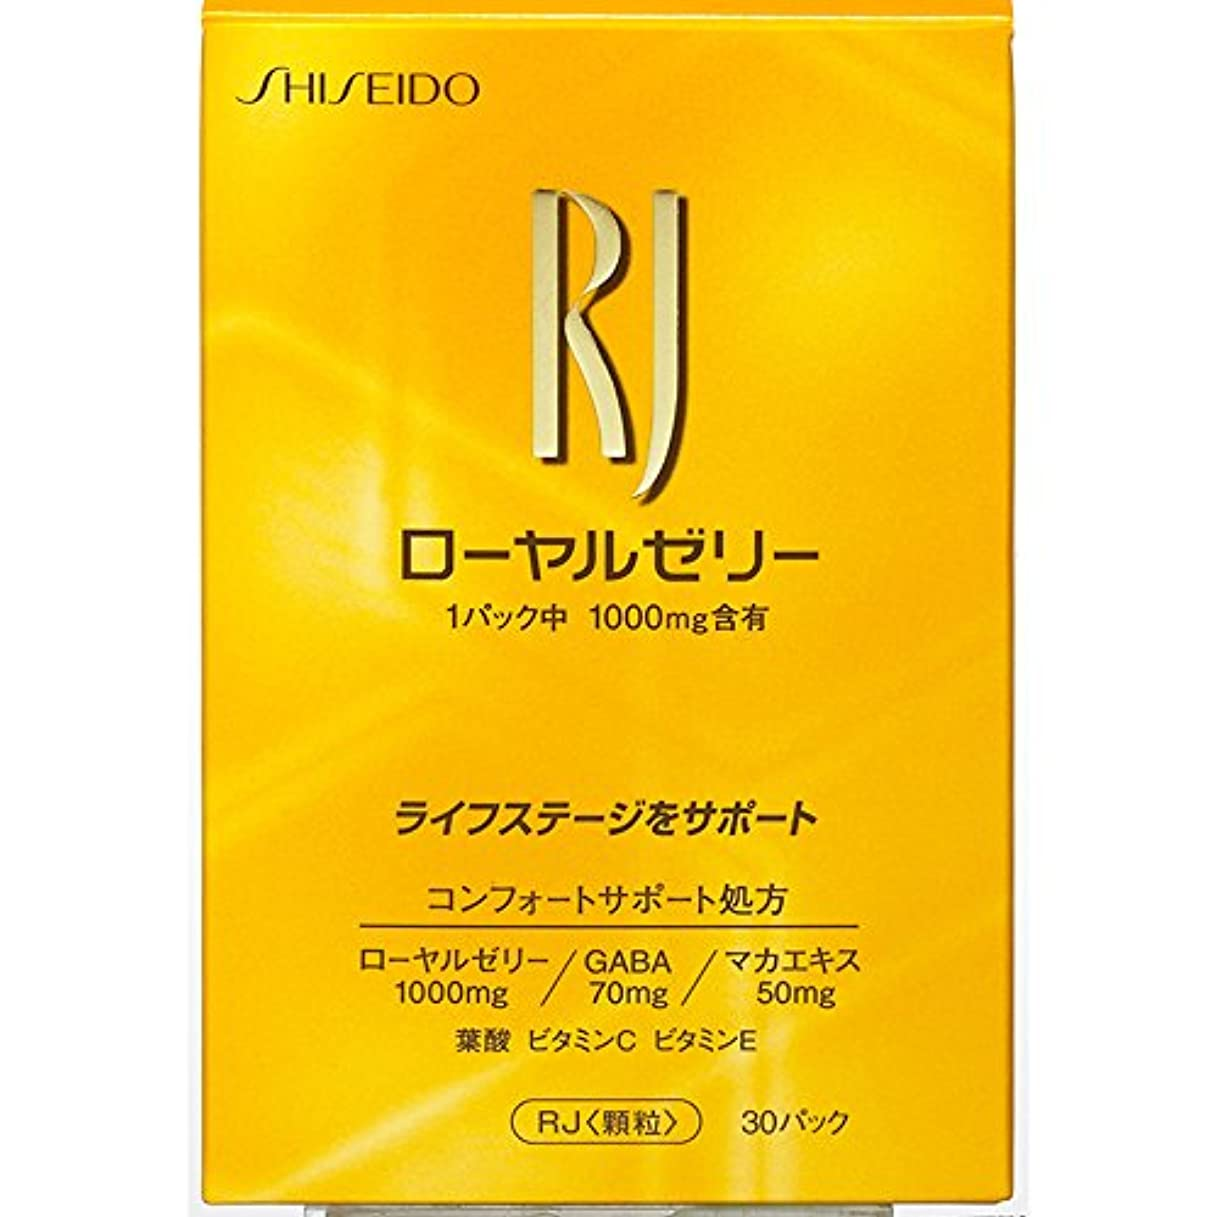 とげのあるあたり代名詞RJ(ローヤルゼリー) < 顆粒 > (N) 1.5gX30パック